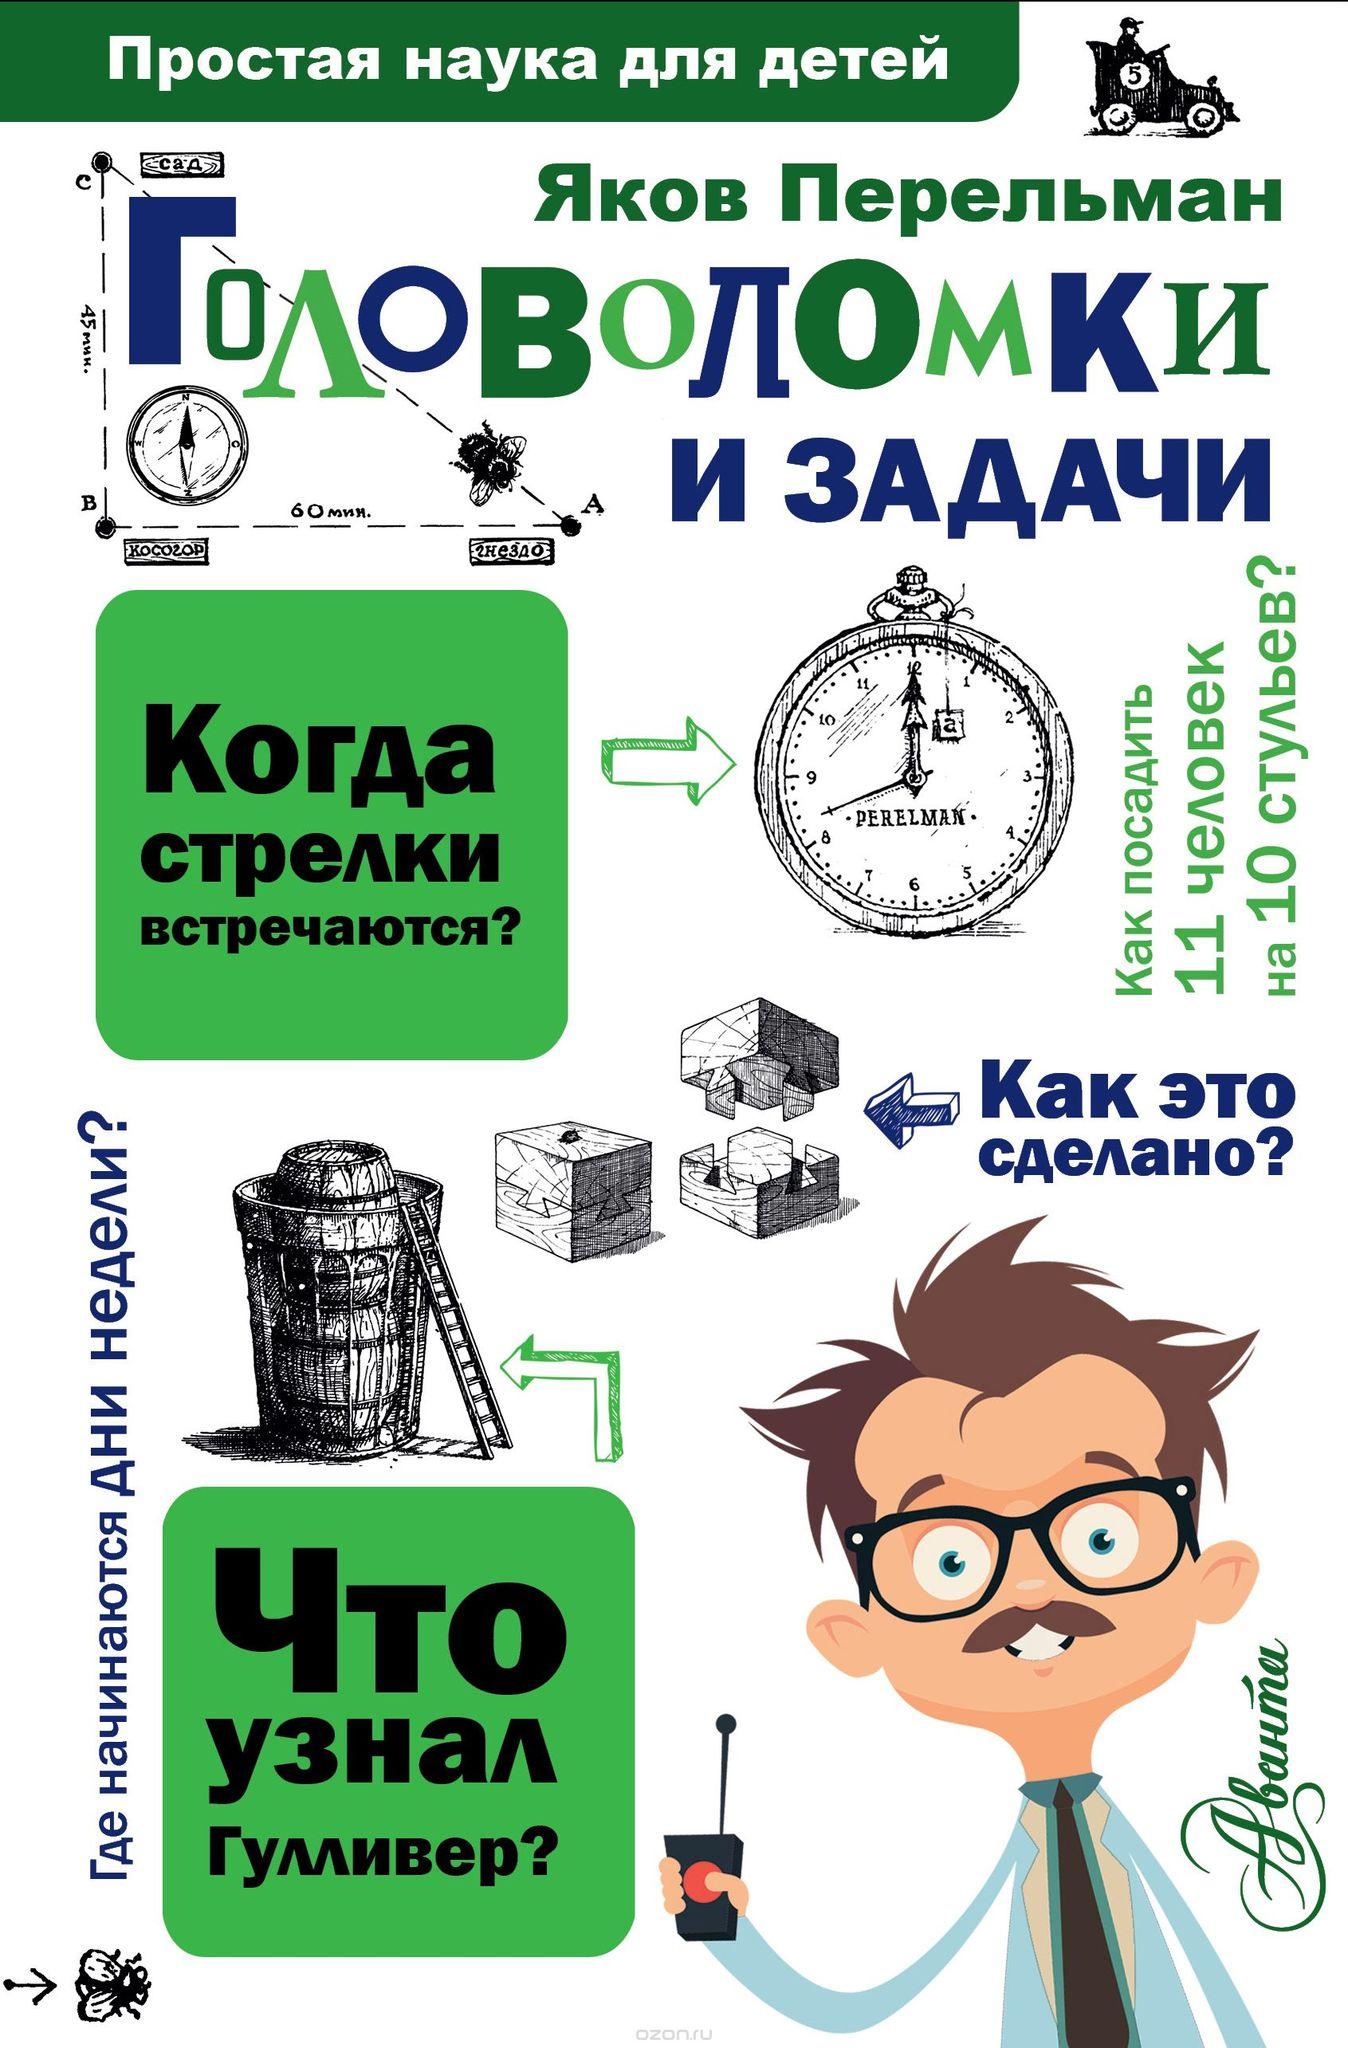 Kitab Головоломки и задачи   Яков Перельман